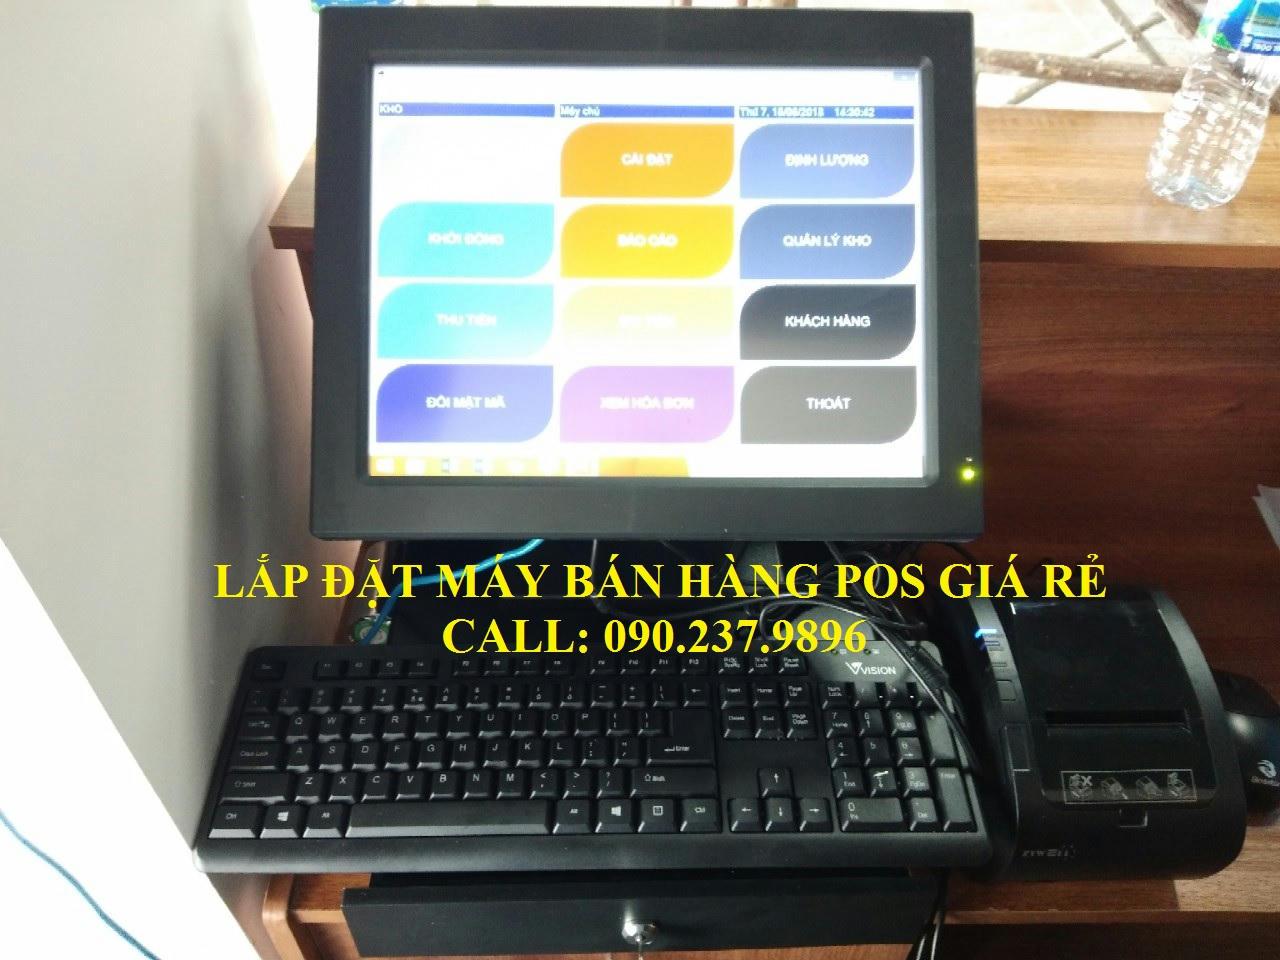 Lắp đặt máy bán hàng trọn bộ cho quán cafe tại Tiền Giang